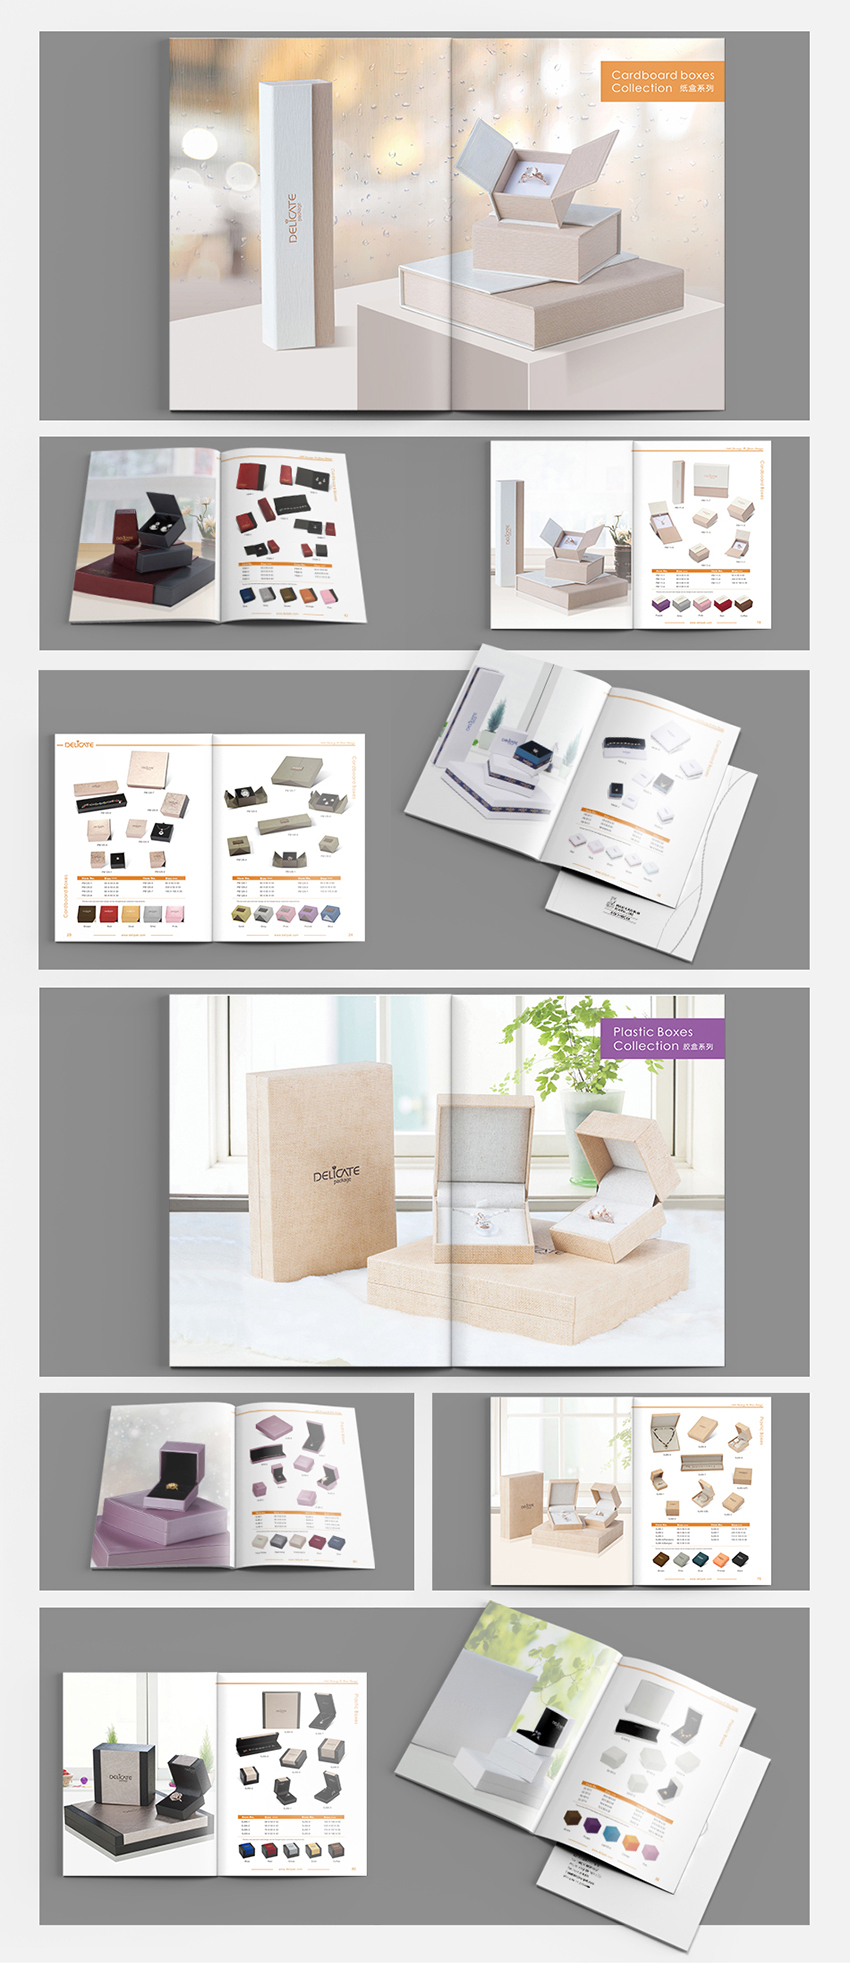 伽马龙品牌画册设计-利凯包装画册.jpg